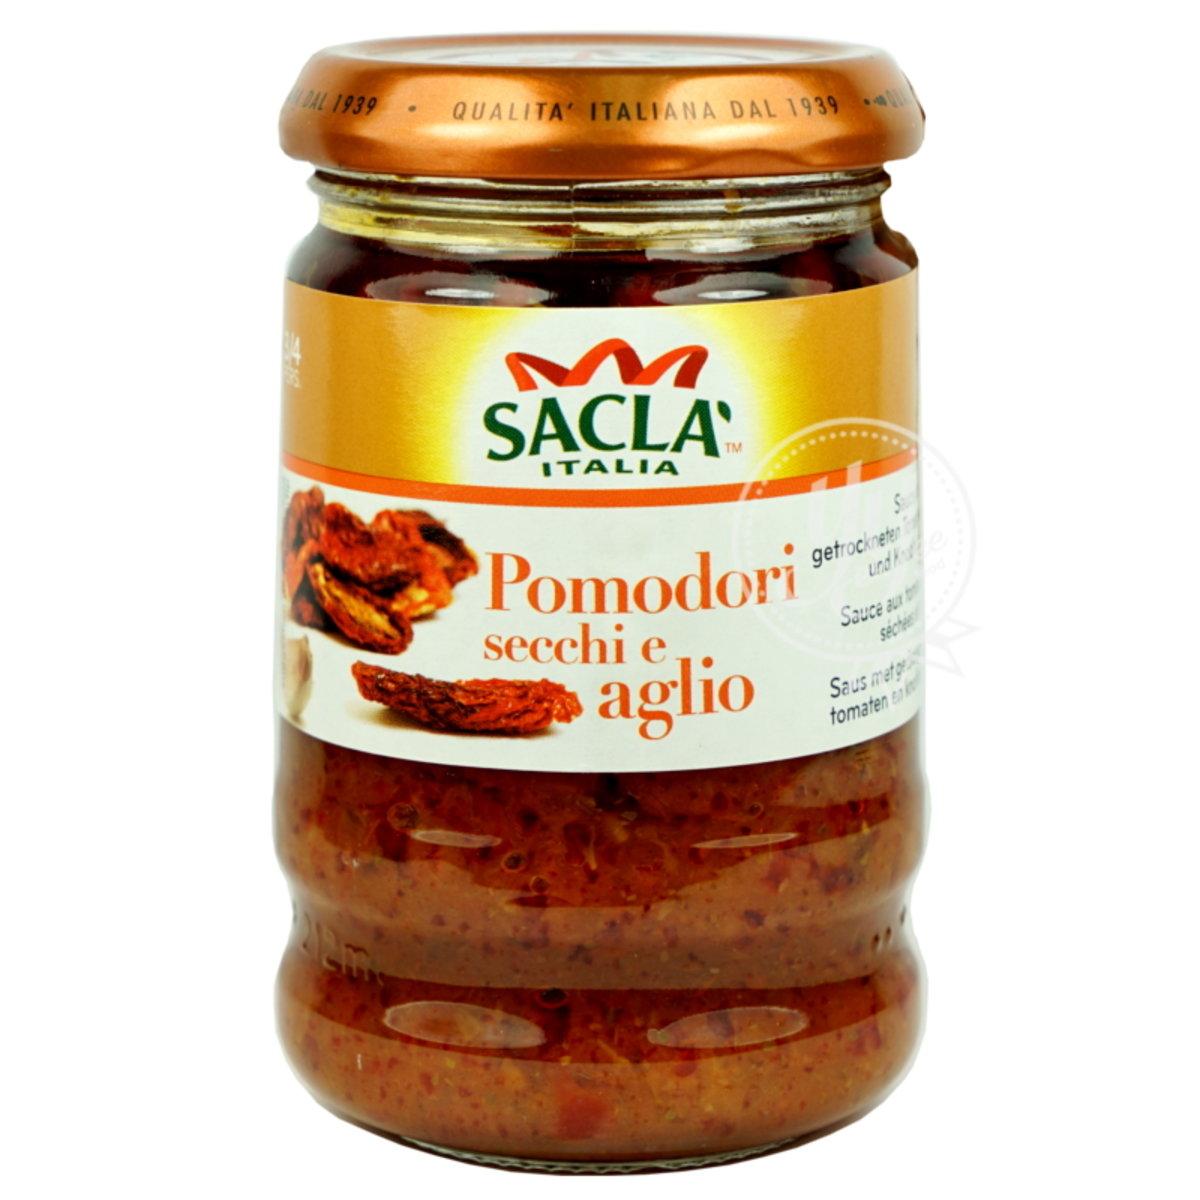 意大利蒜蓉蕃茄乾意粉醬190克